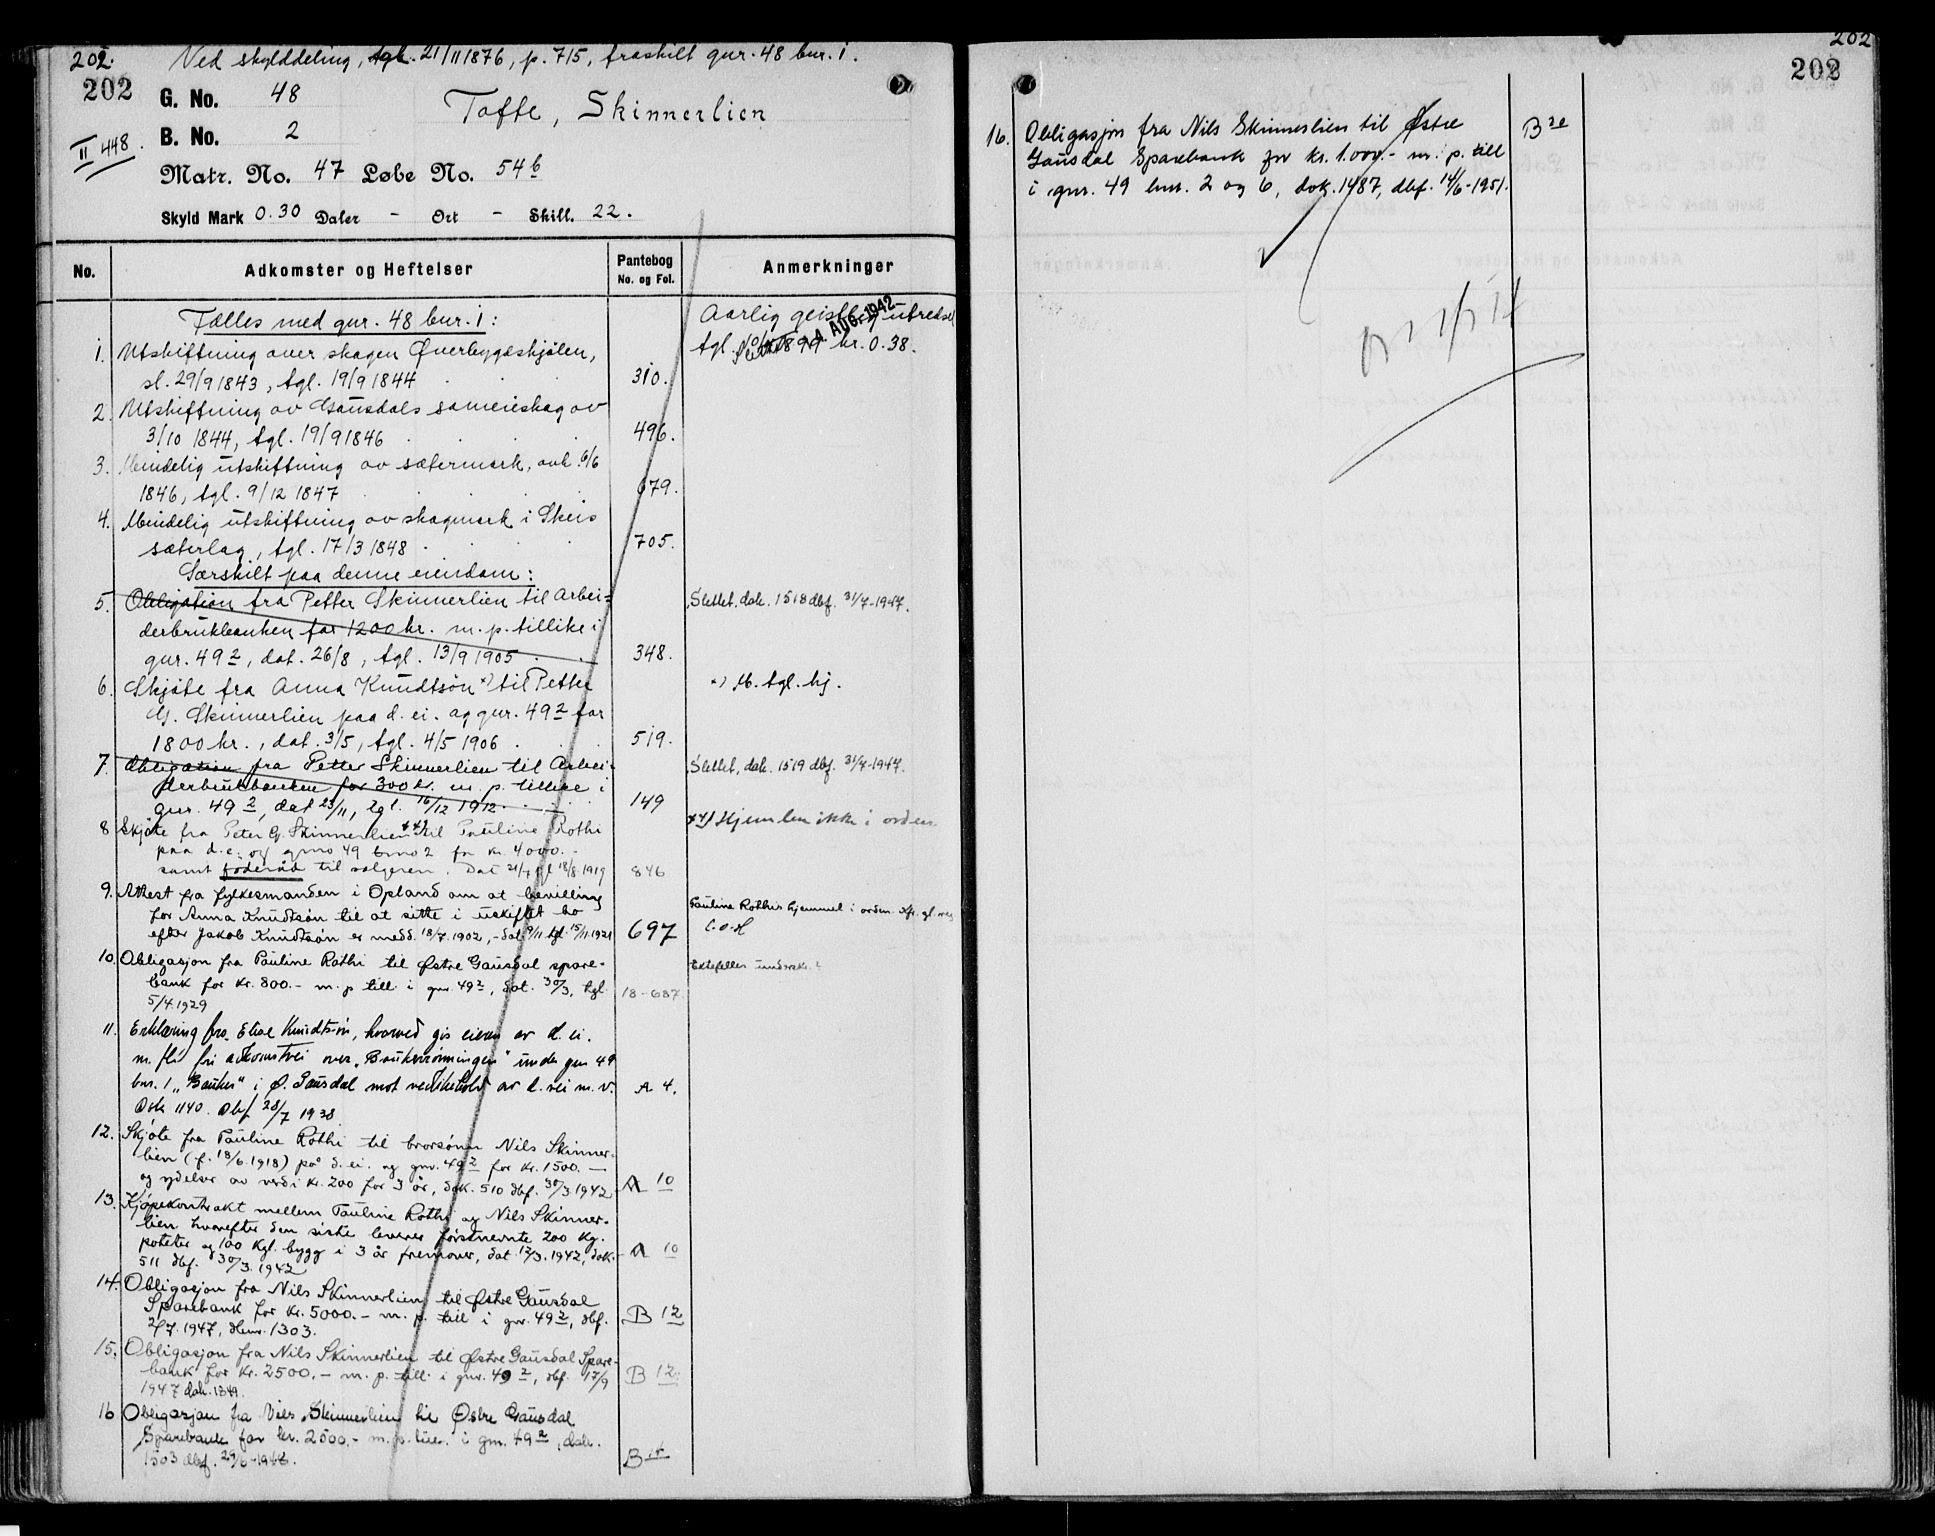 SAH, Sør-Gudbrandsdal tingrett, H/Ha/Hag/L0011: Panteregister nr. 3.11, 1913-1959, s. 202